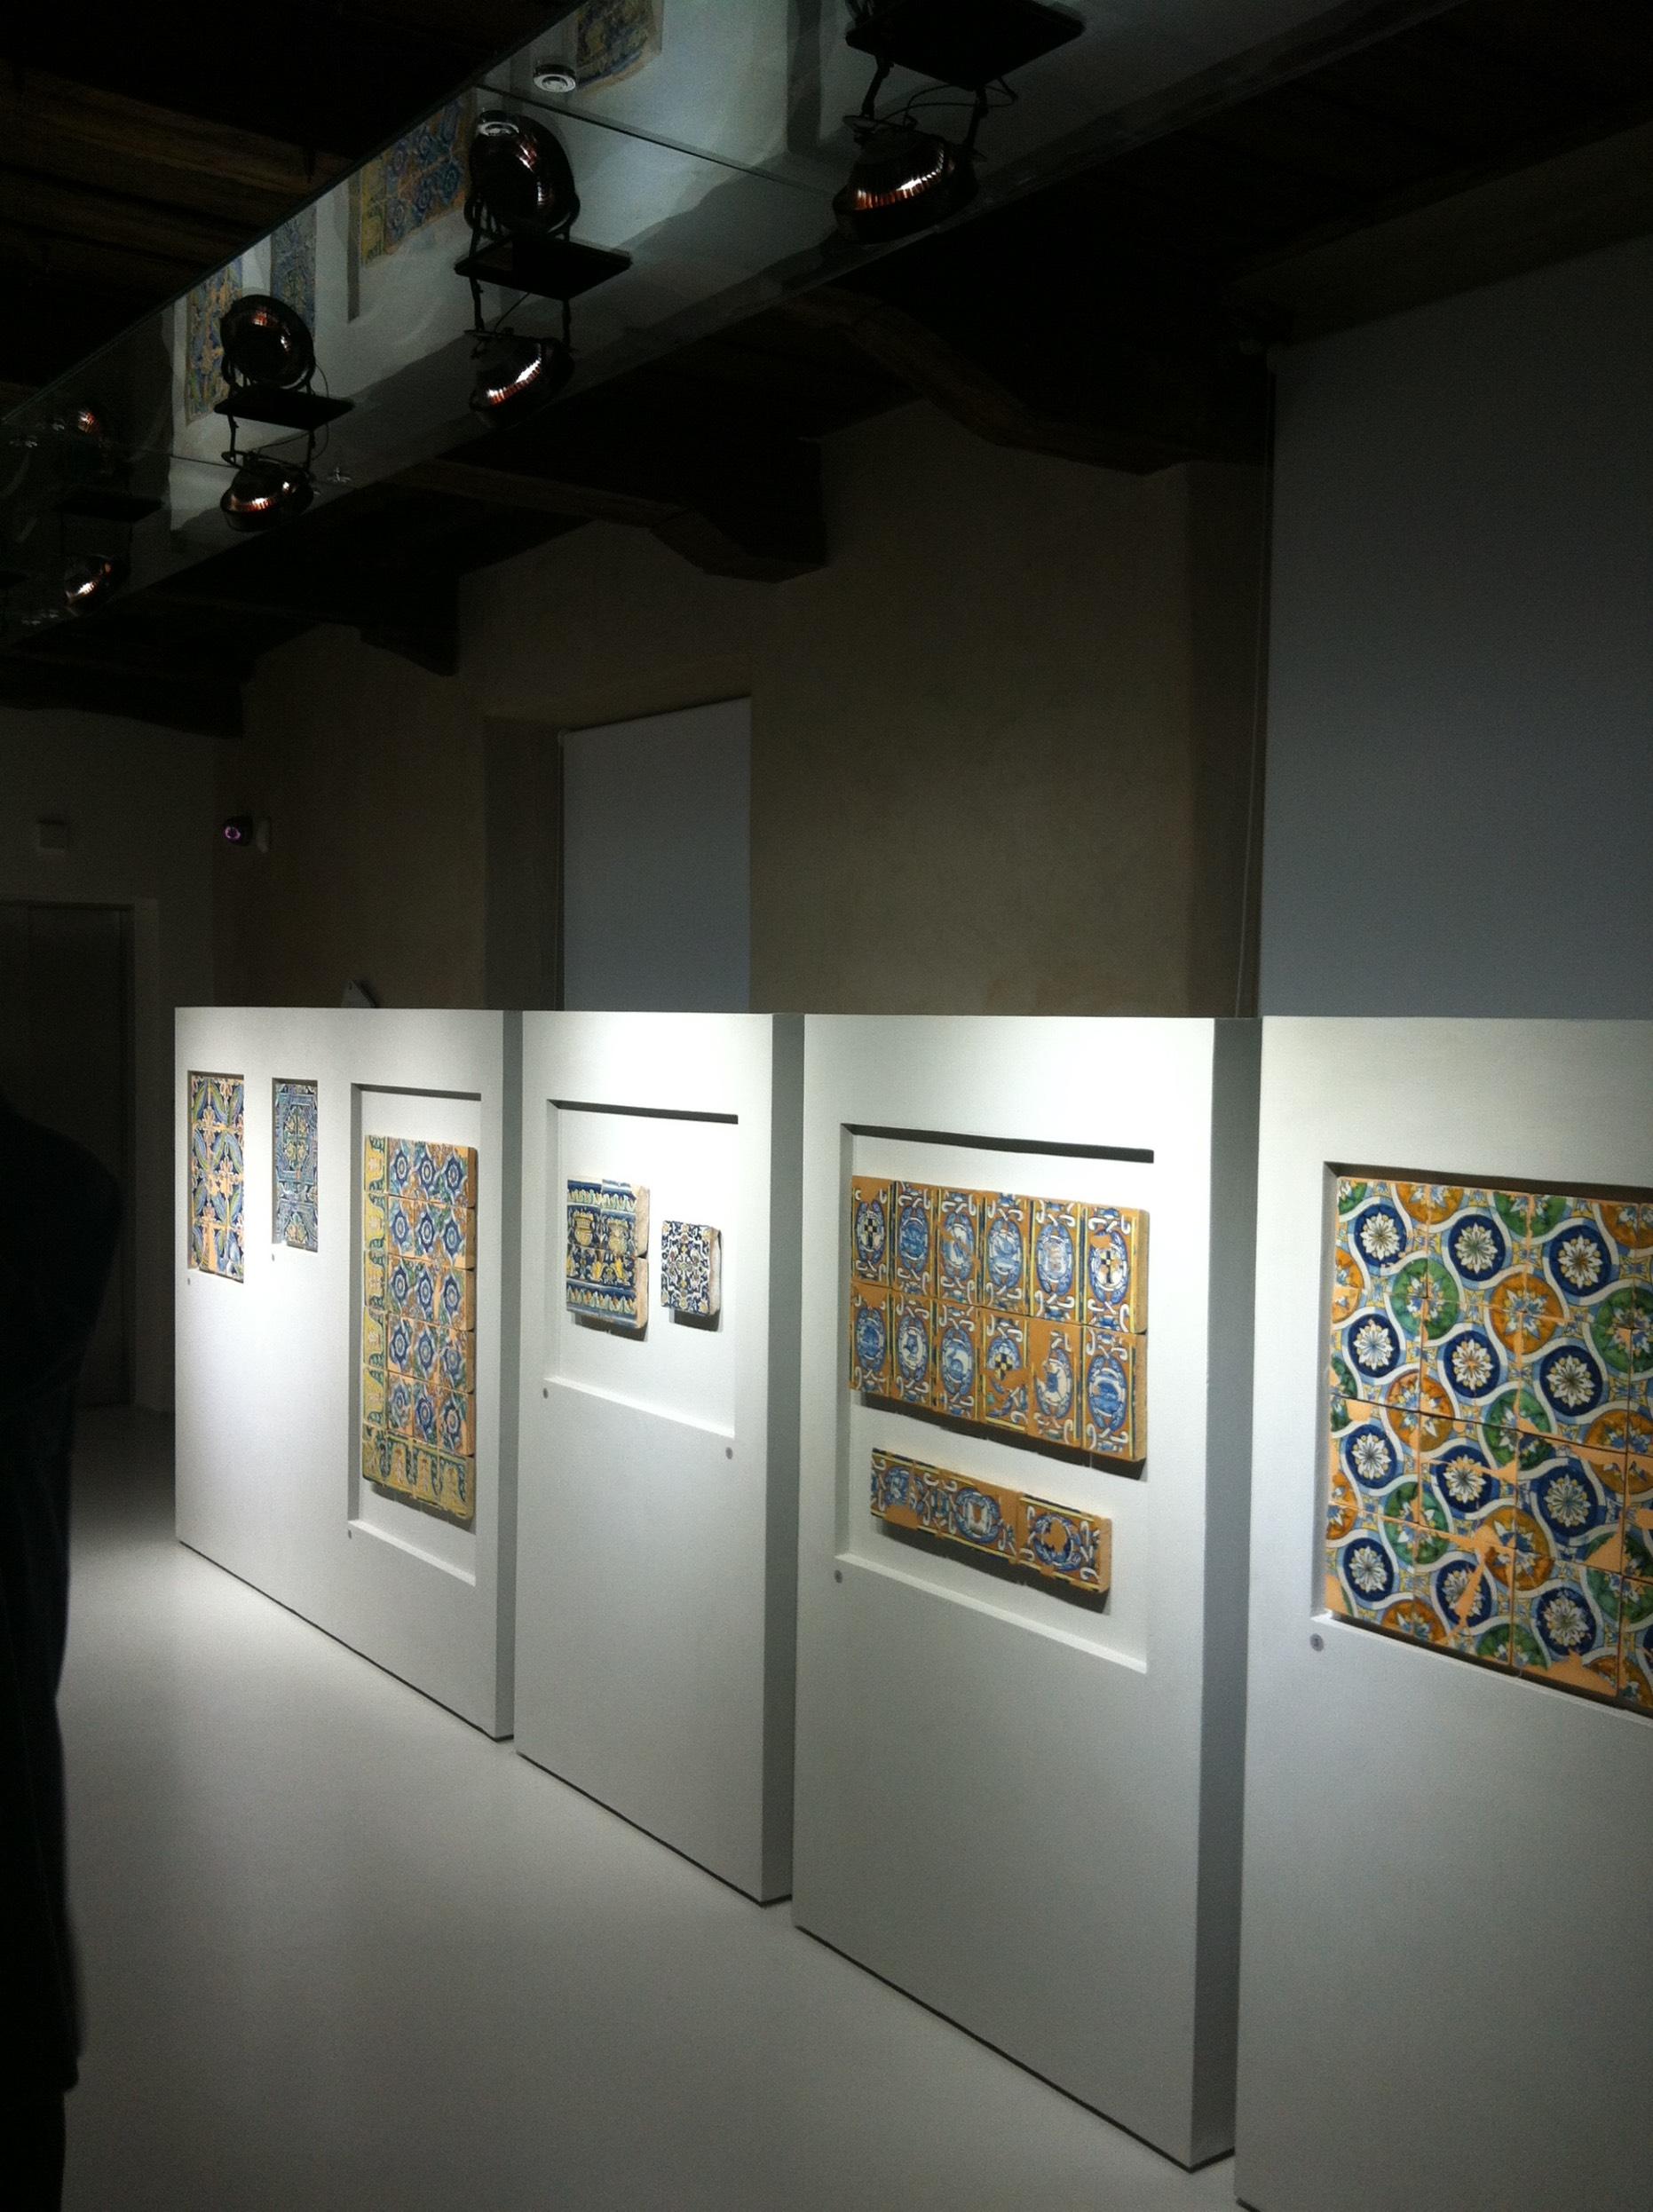 HICONTRACT_INTERIOR_DESIGN_WOODEN_LEGNO_WOOD-WORKING_FURNITURE_MUSEUM_EXHIBITION_FONDAZIONE-DE-MARI_CERAMIC-MUSEUM_SAVONA_ITALIA_2014_02